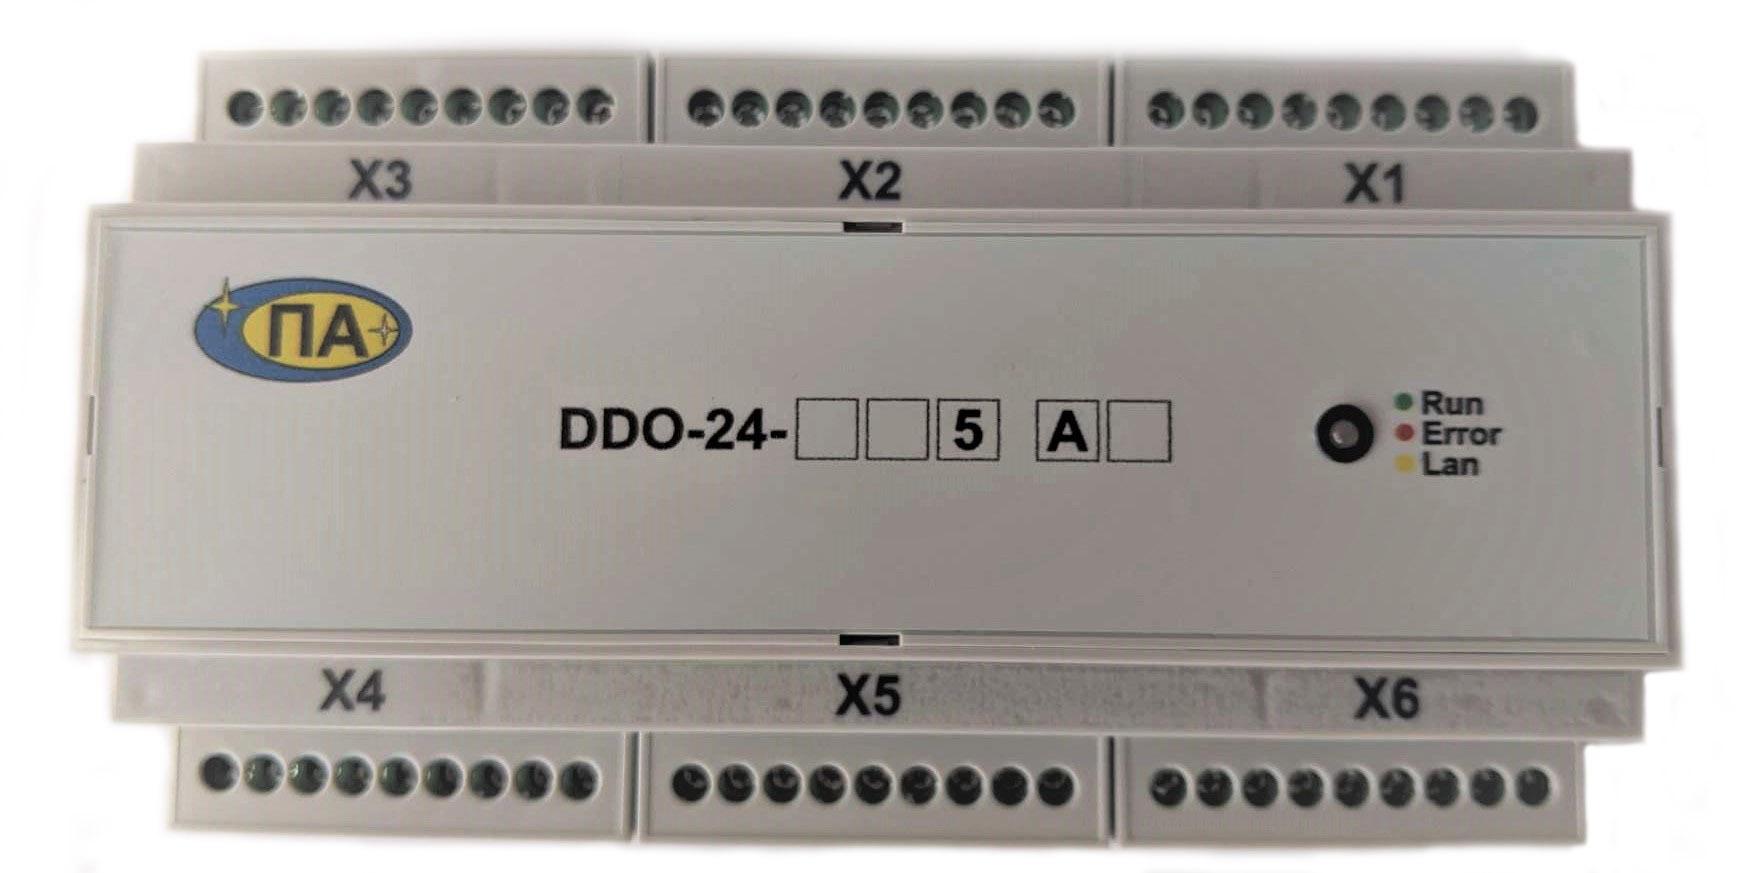 Discrete output devices DDO